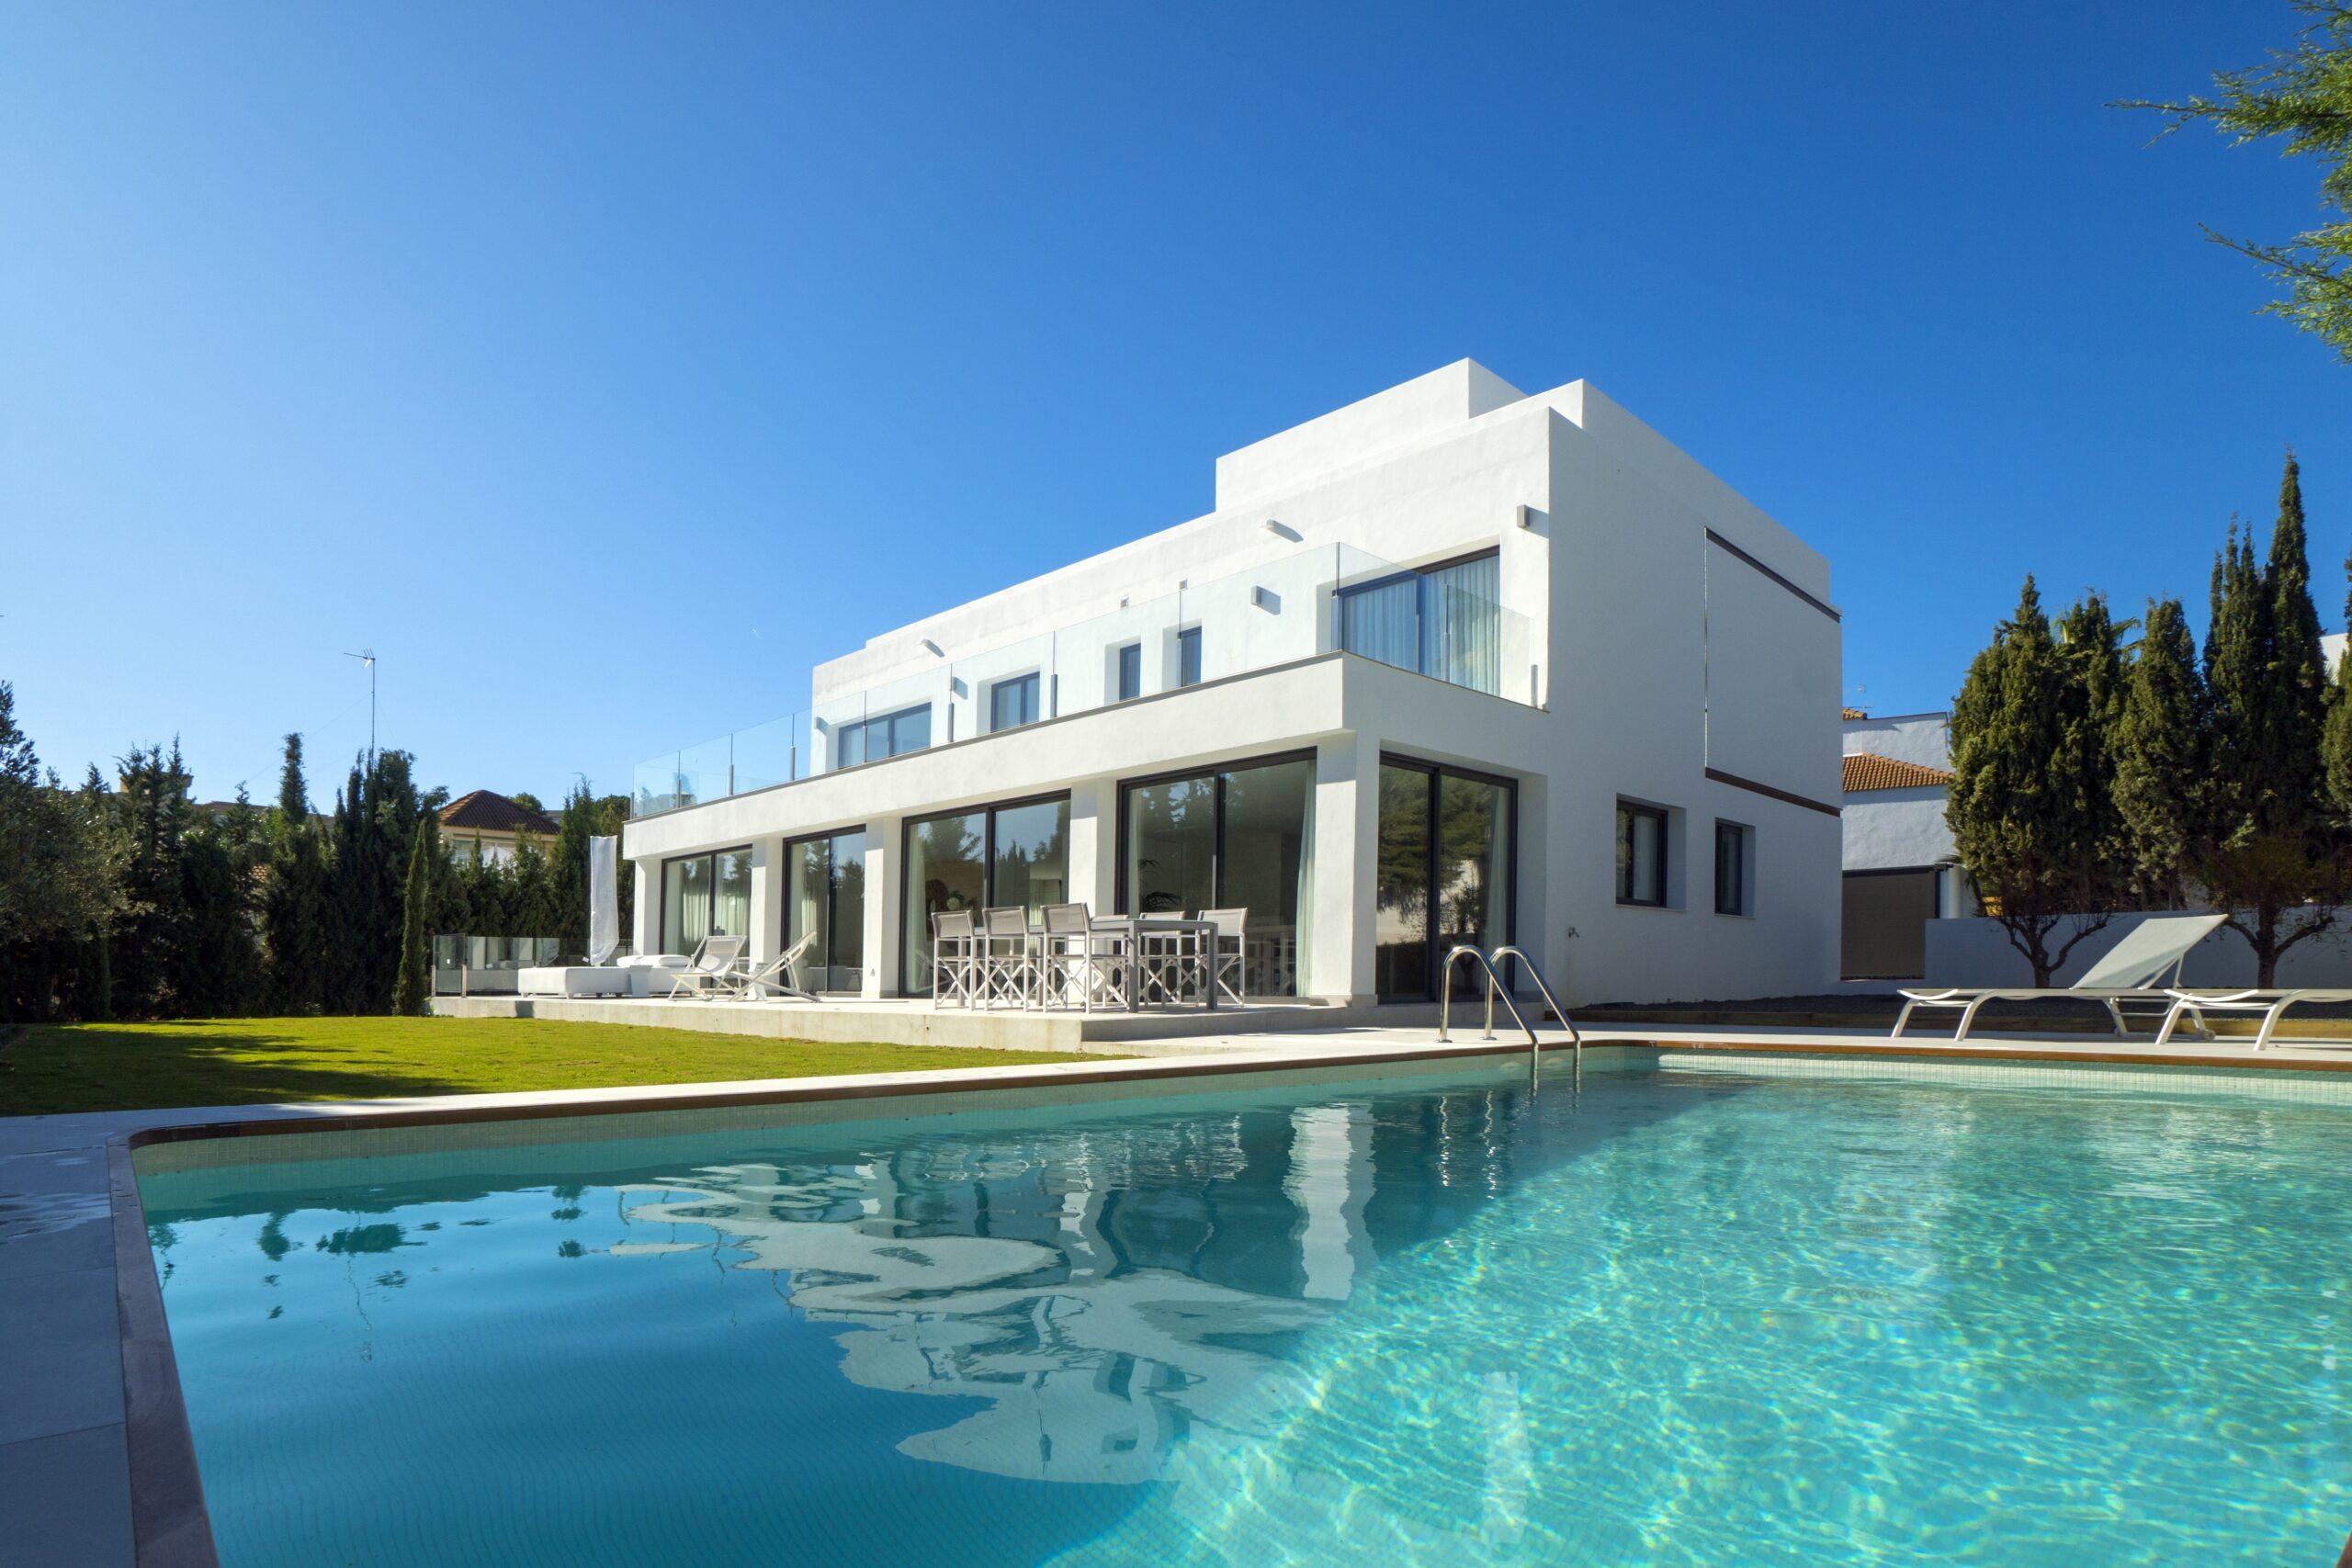 Maison neuve à vendre à Marbella de 359m2 sur un terrain de 952m2